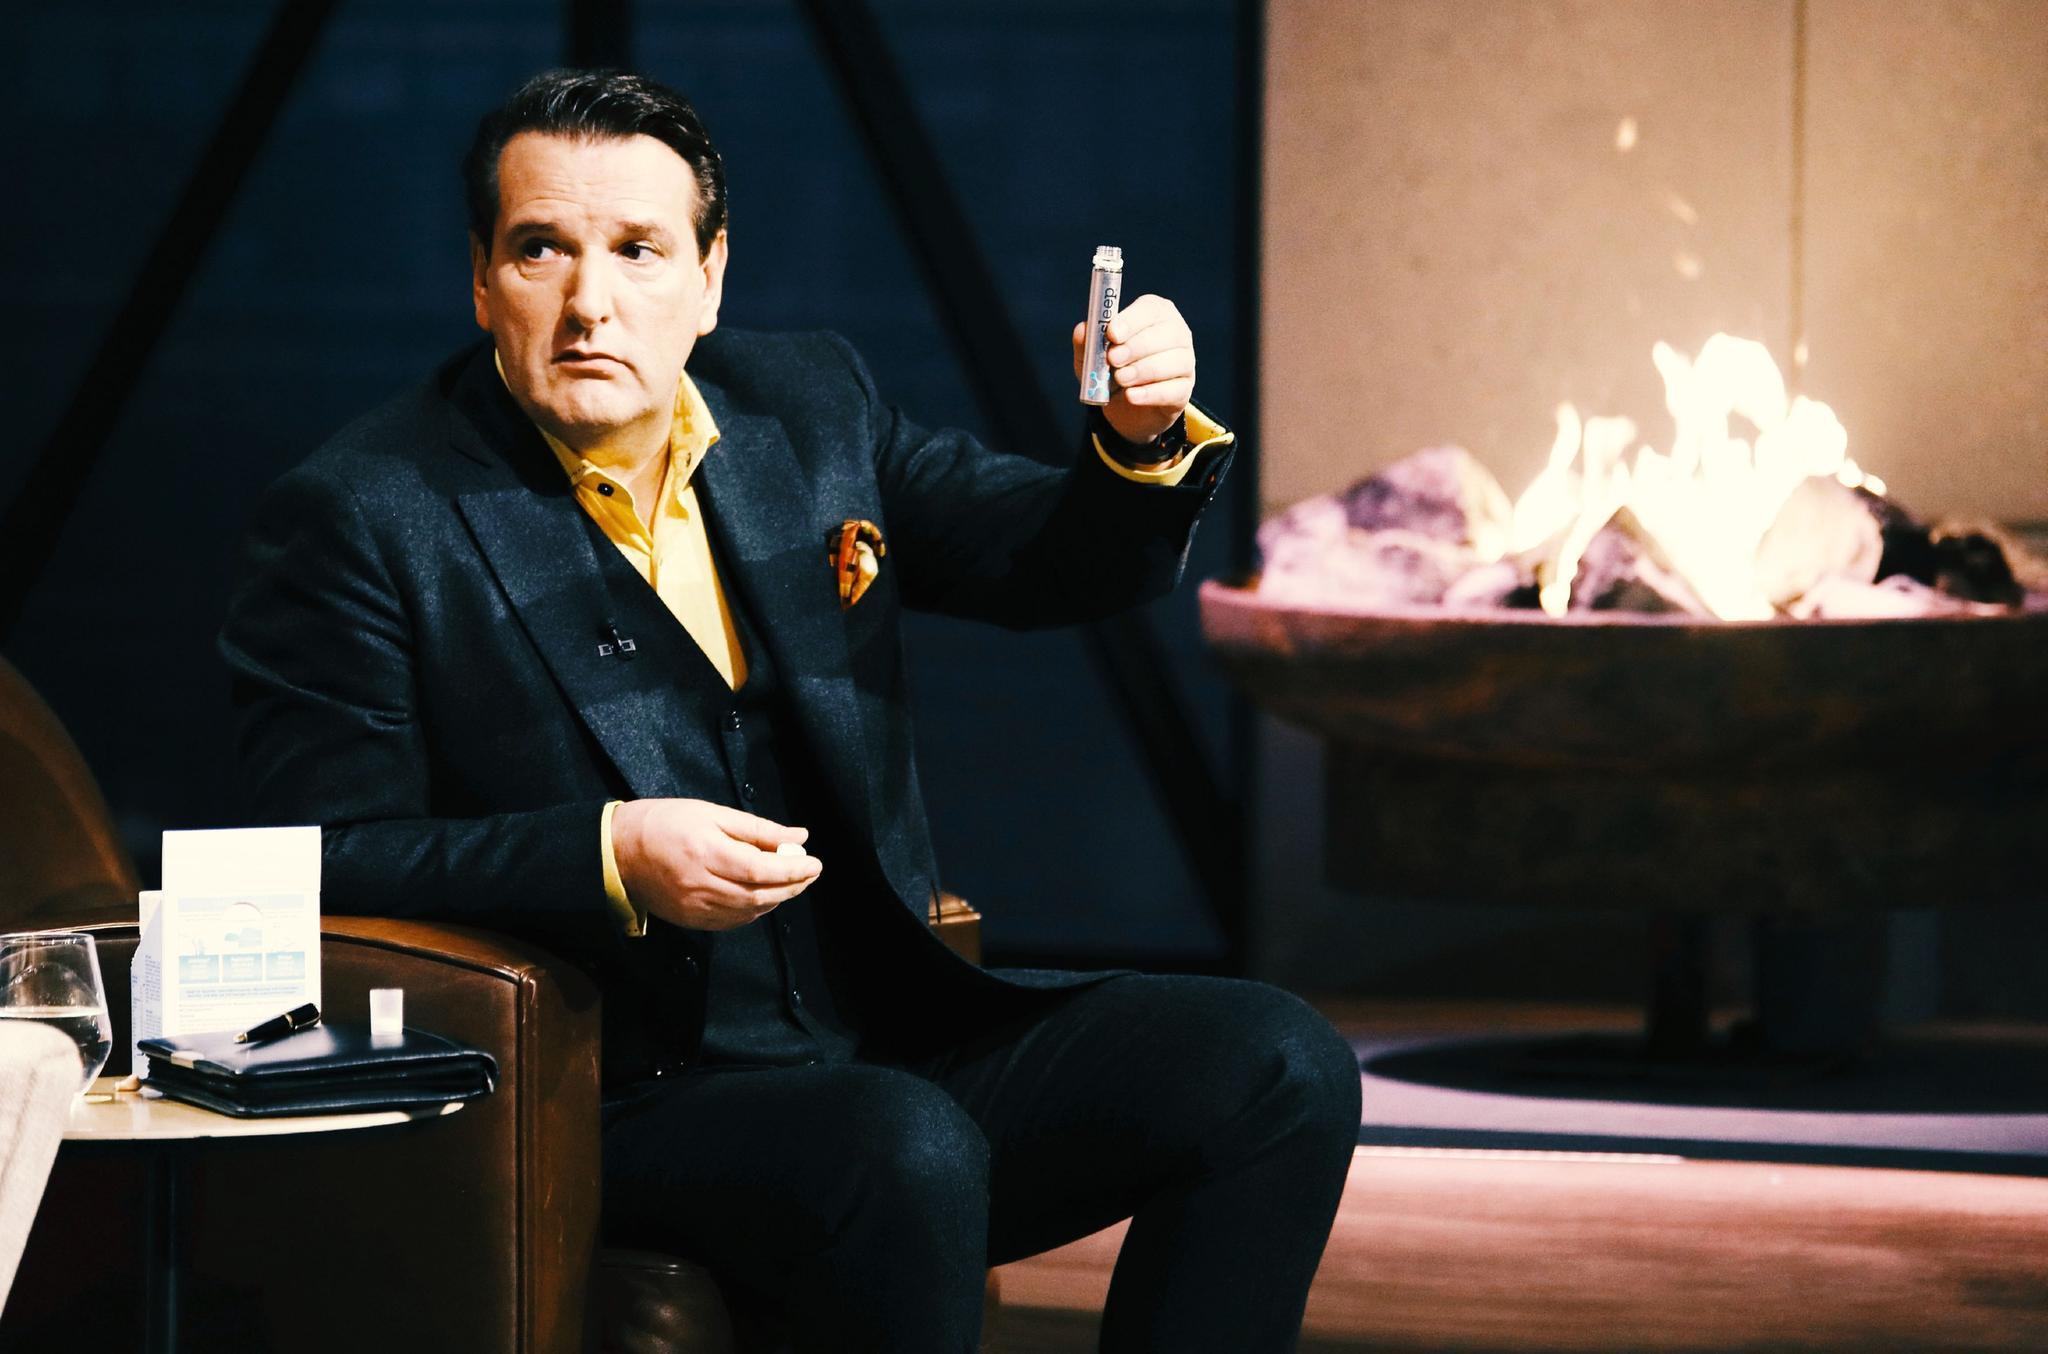 """Investor Ralf Dümmel setzt zum Test von """"Smartsleep"""" an, um wenig später gemeinsam mit Carsten Maschmeyer den größten Deal der bisherigen """"Die Höhle der Löwen""""-Geschichte einzugehen."""